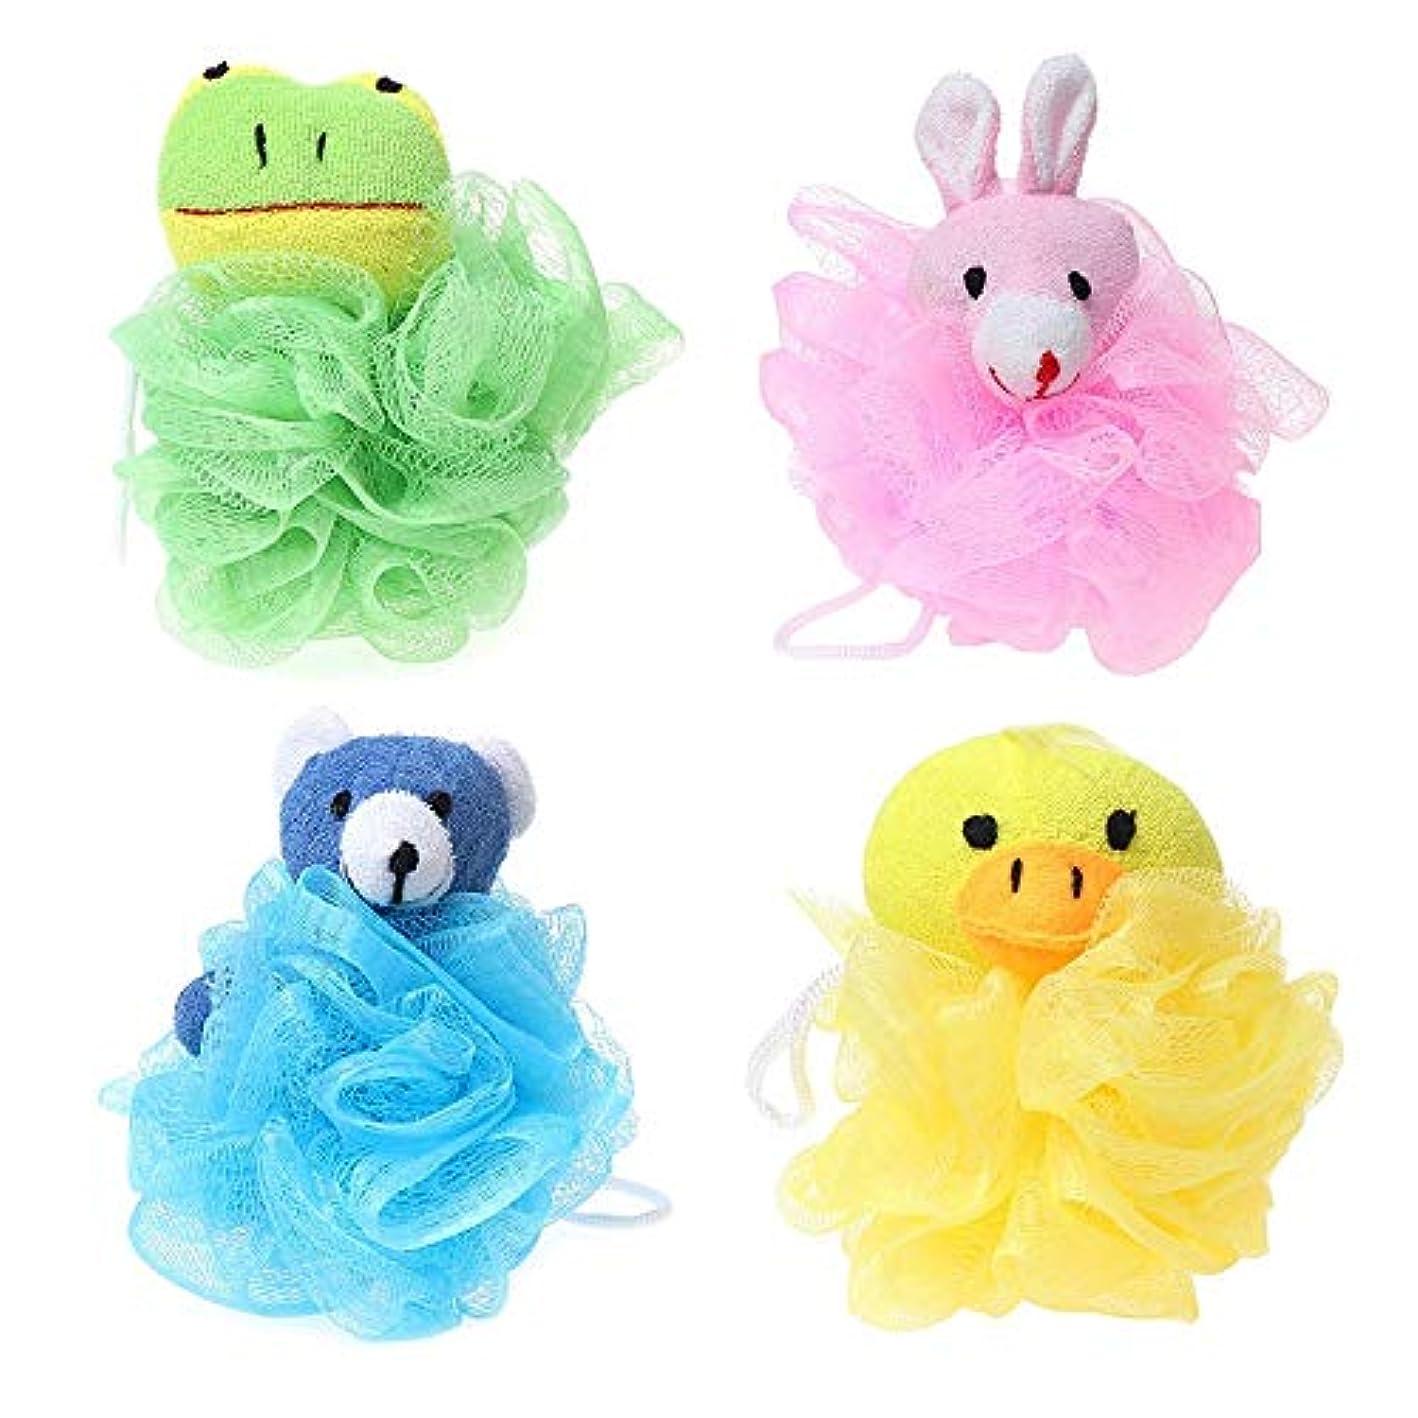 Gaoominy 子供用おもちゃクッションパフメッシュぬいぐるみ付き(4パック)カエル、アヒル、ウサギ、クマ